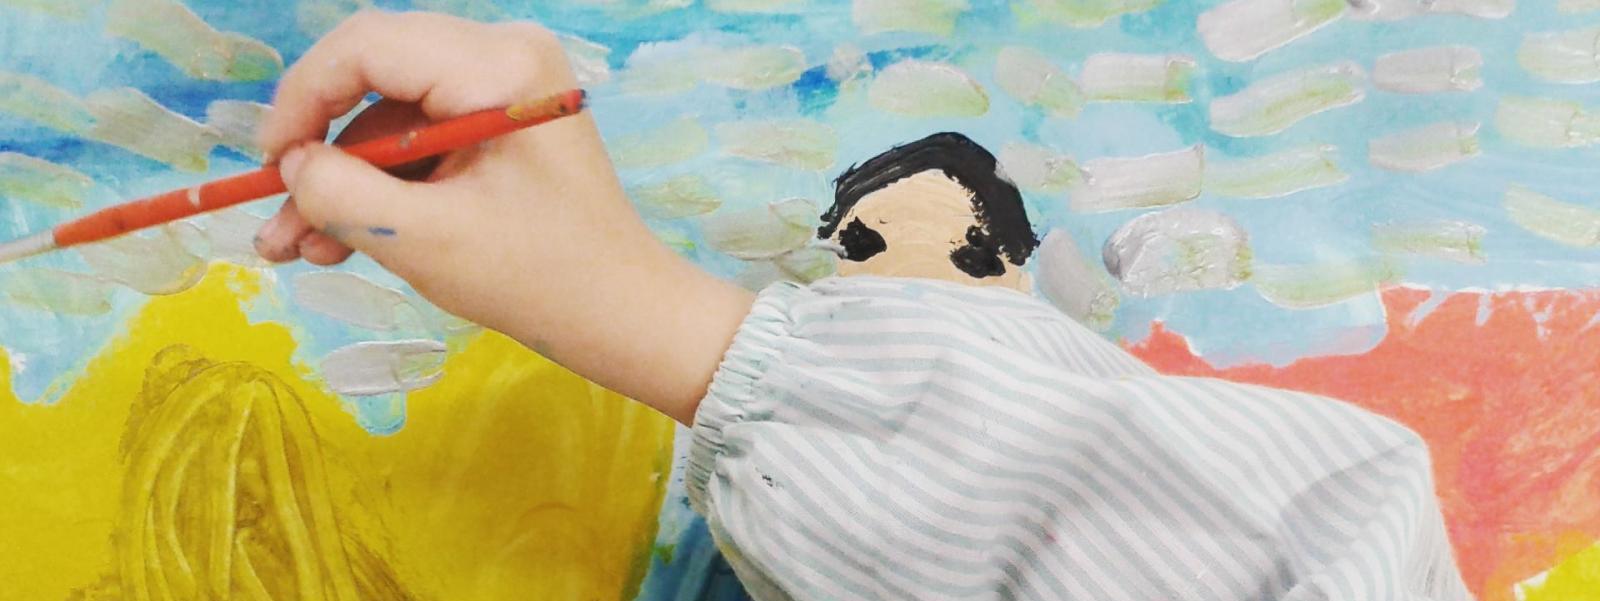 Exposición de arte infantil en Noreña